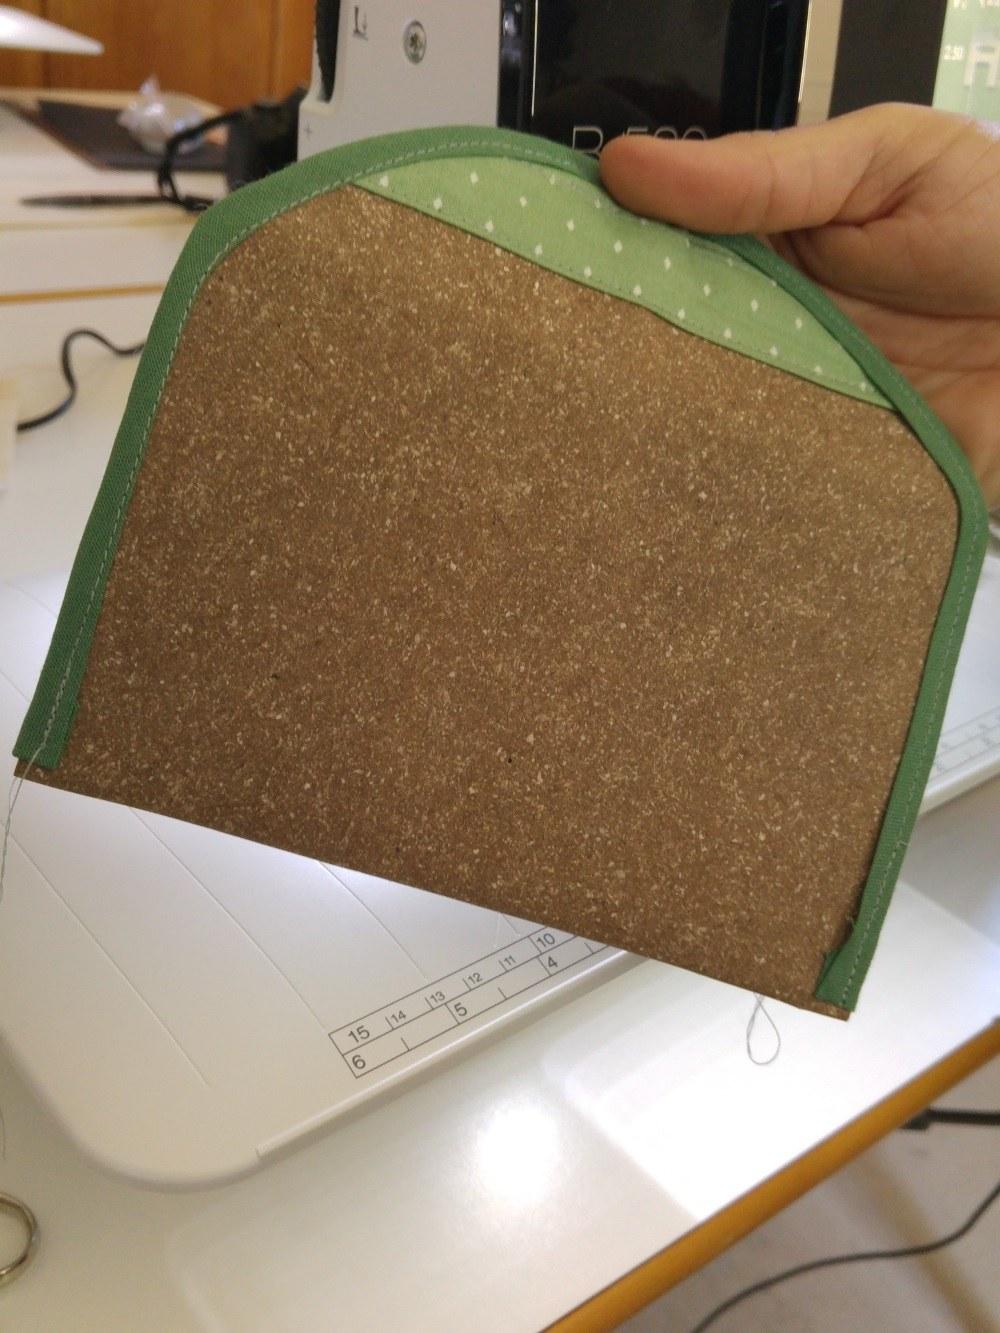 Snaply-probenaehen-recycletes-leder-2